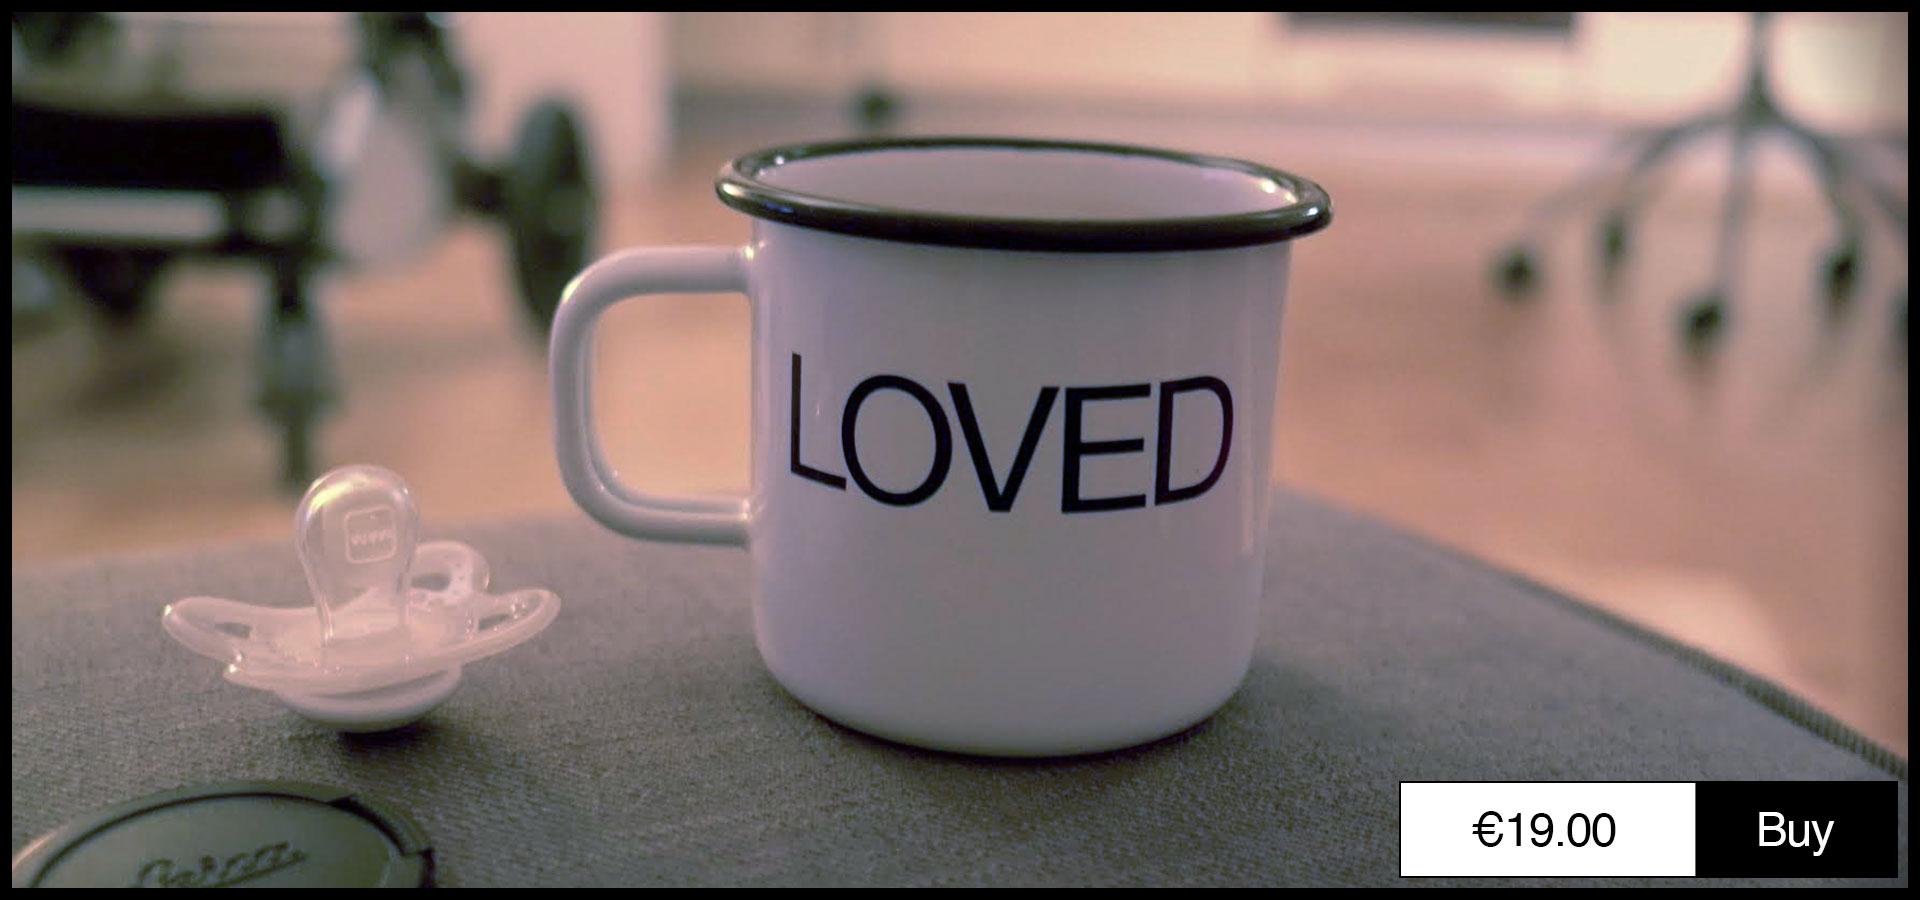 Loved Mug